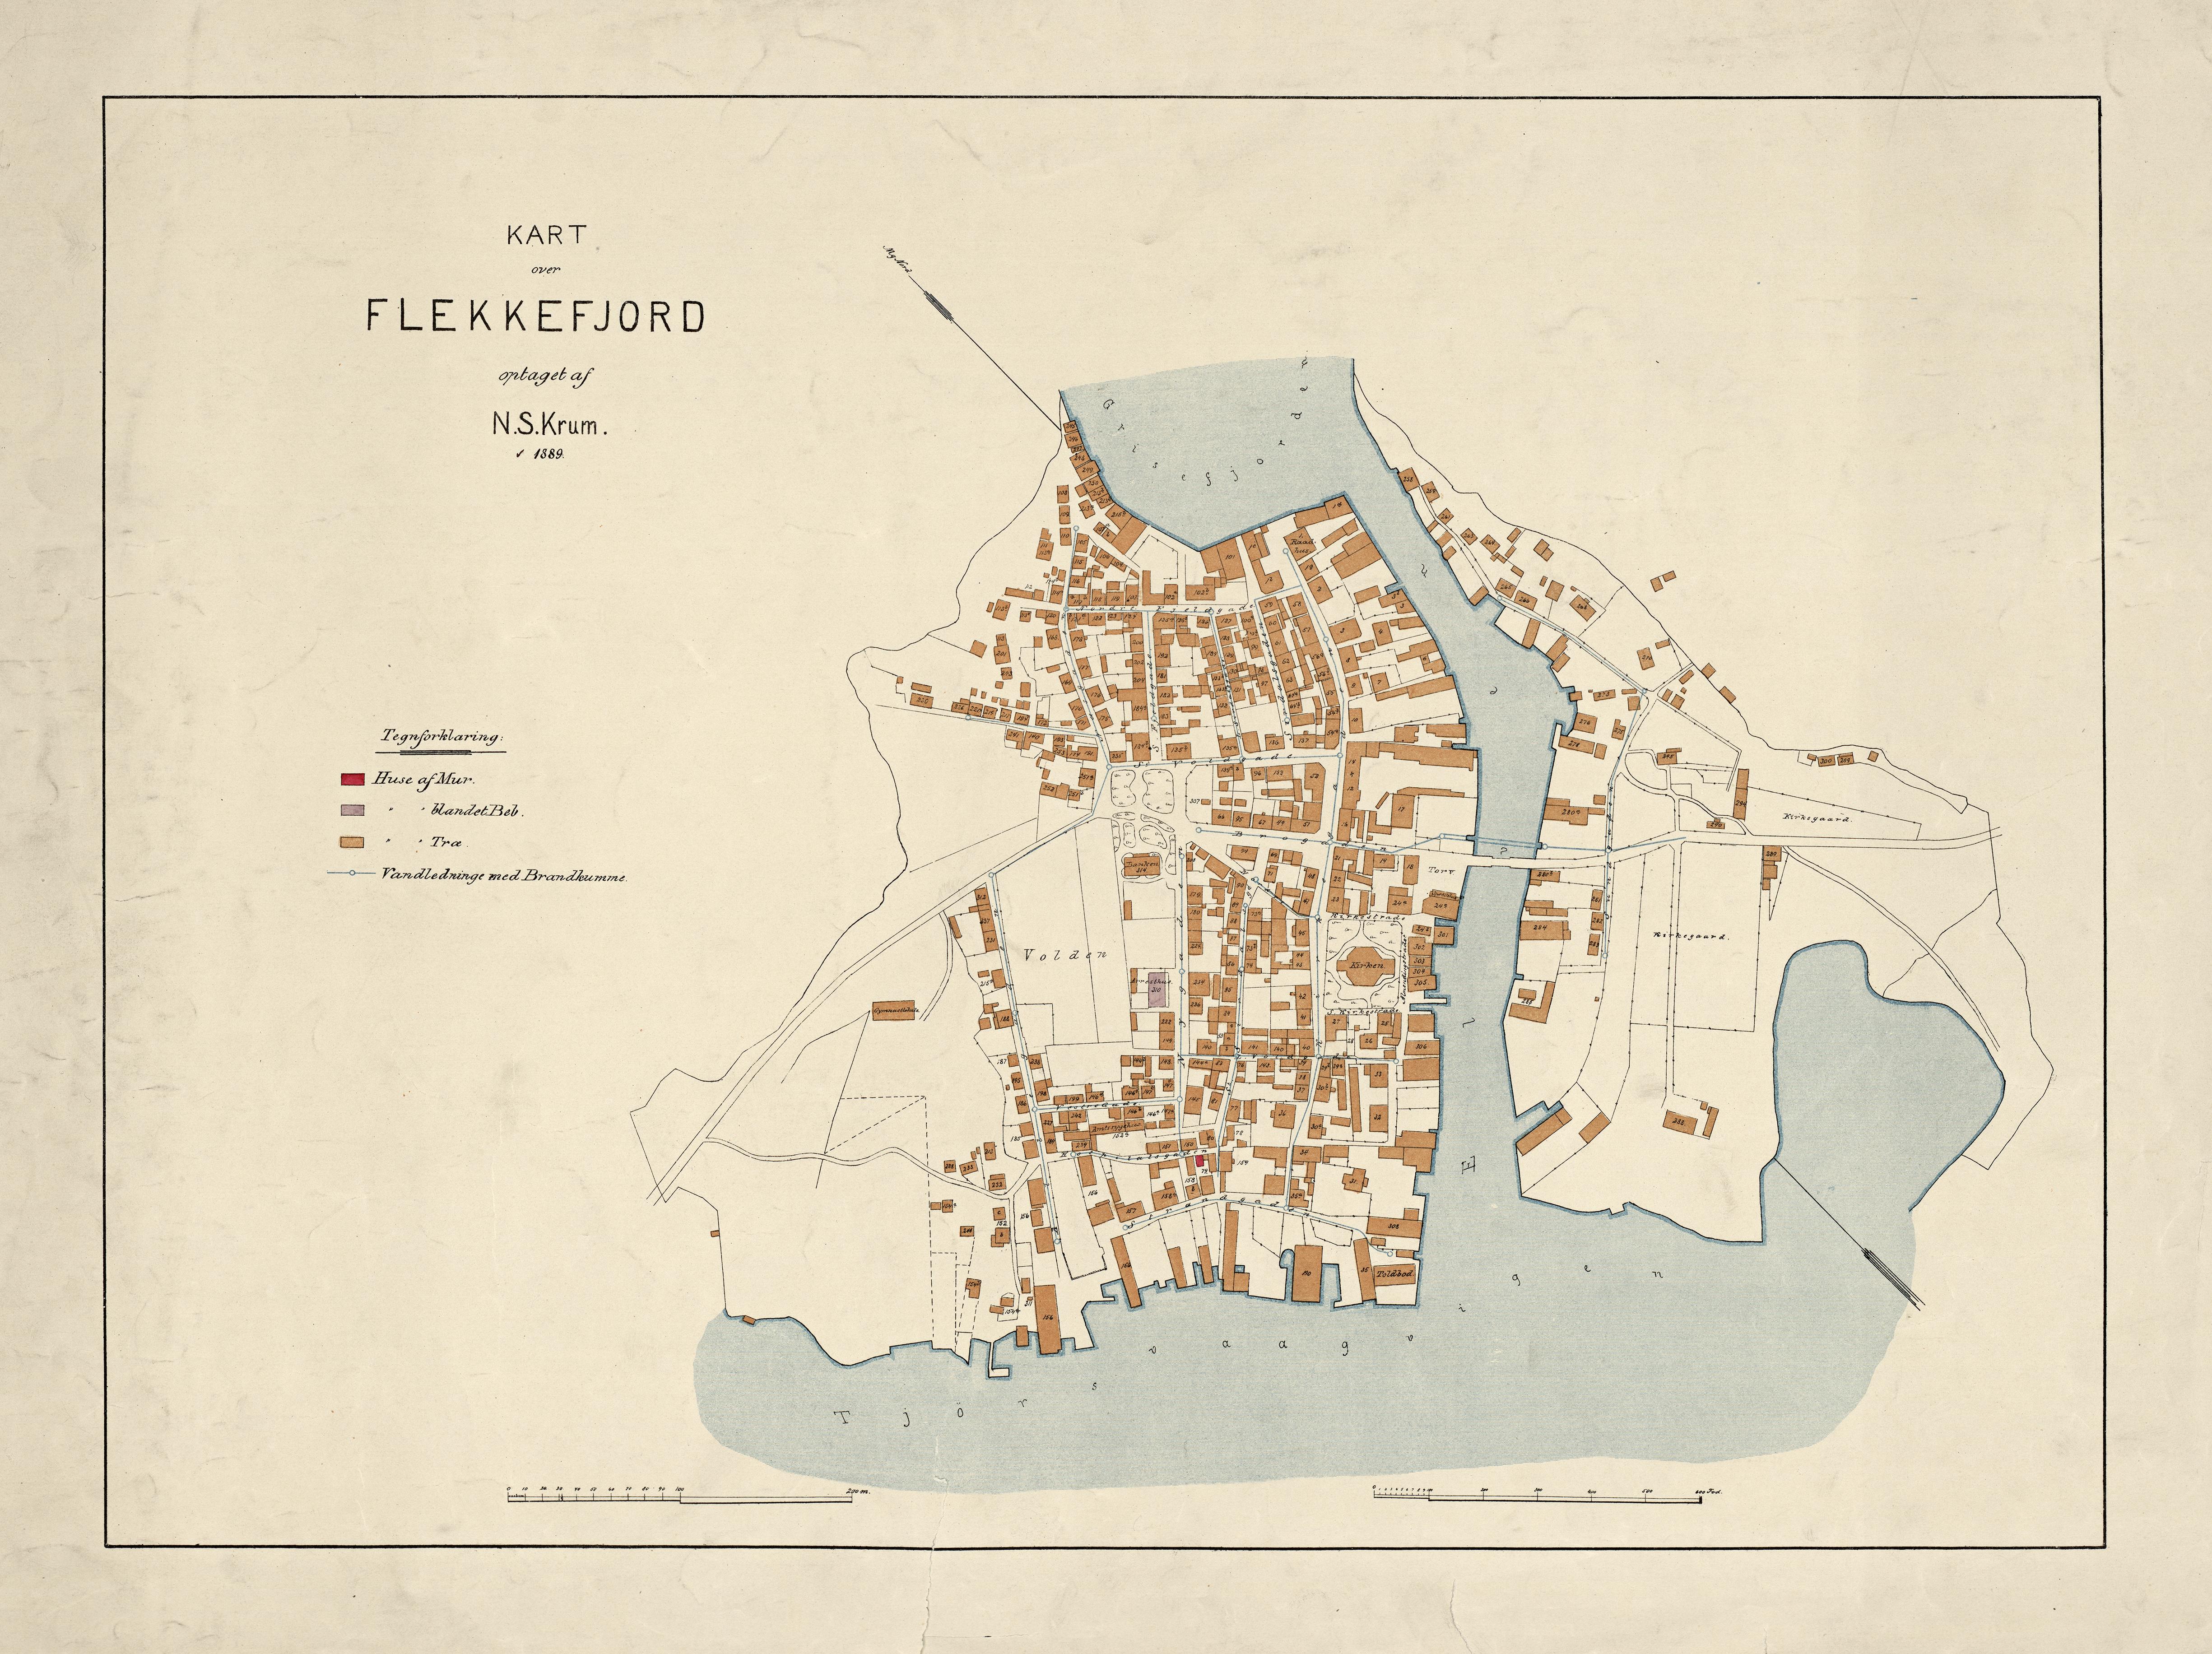 FileKart over Flekkefjord 1889 Nonb krt 01285jpg Wikimedia